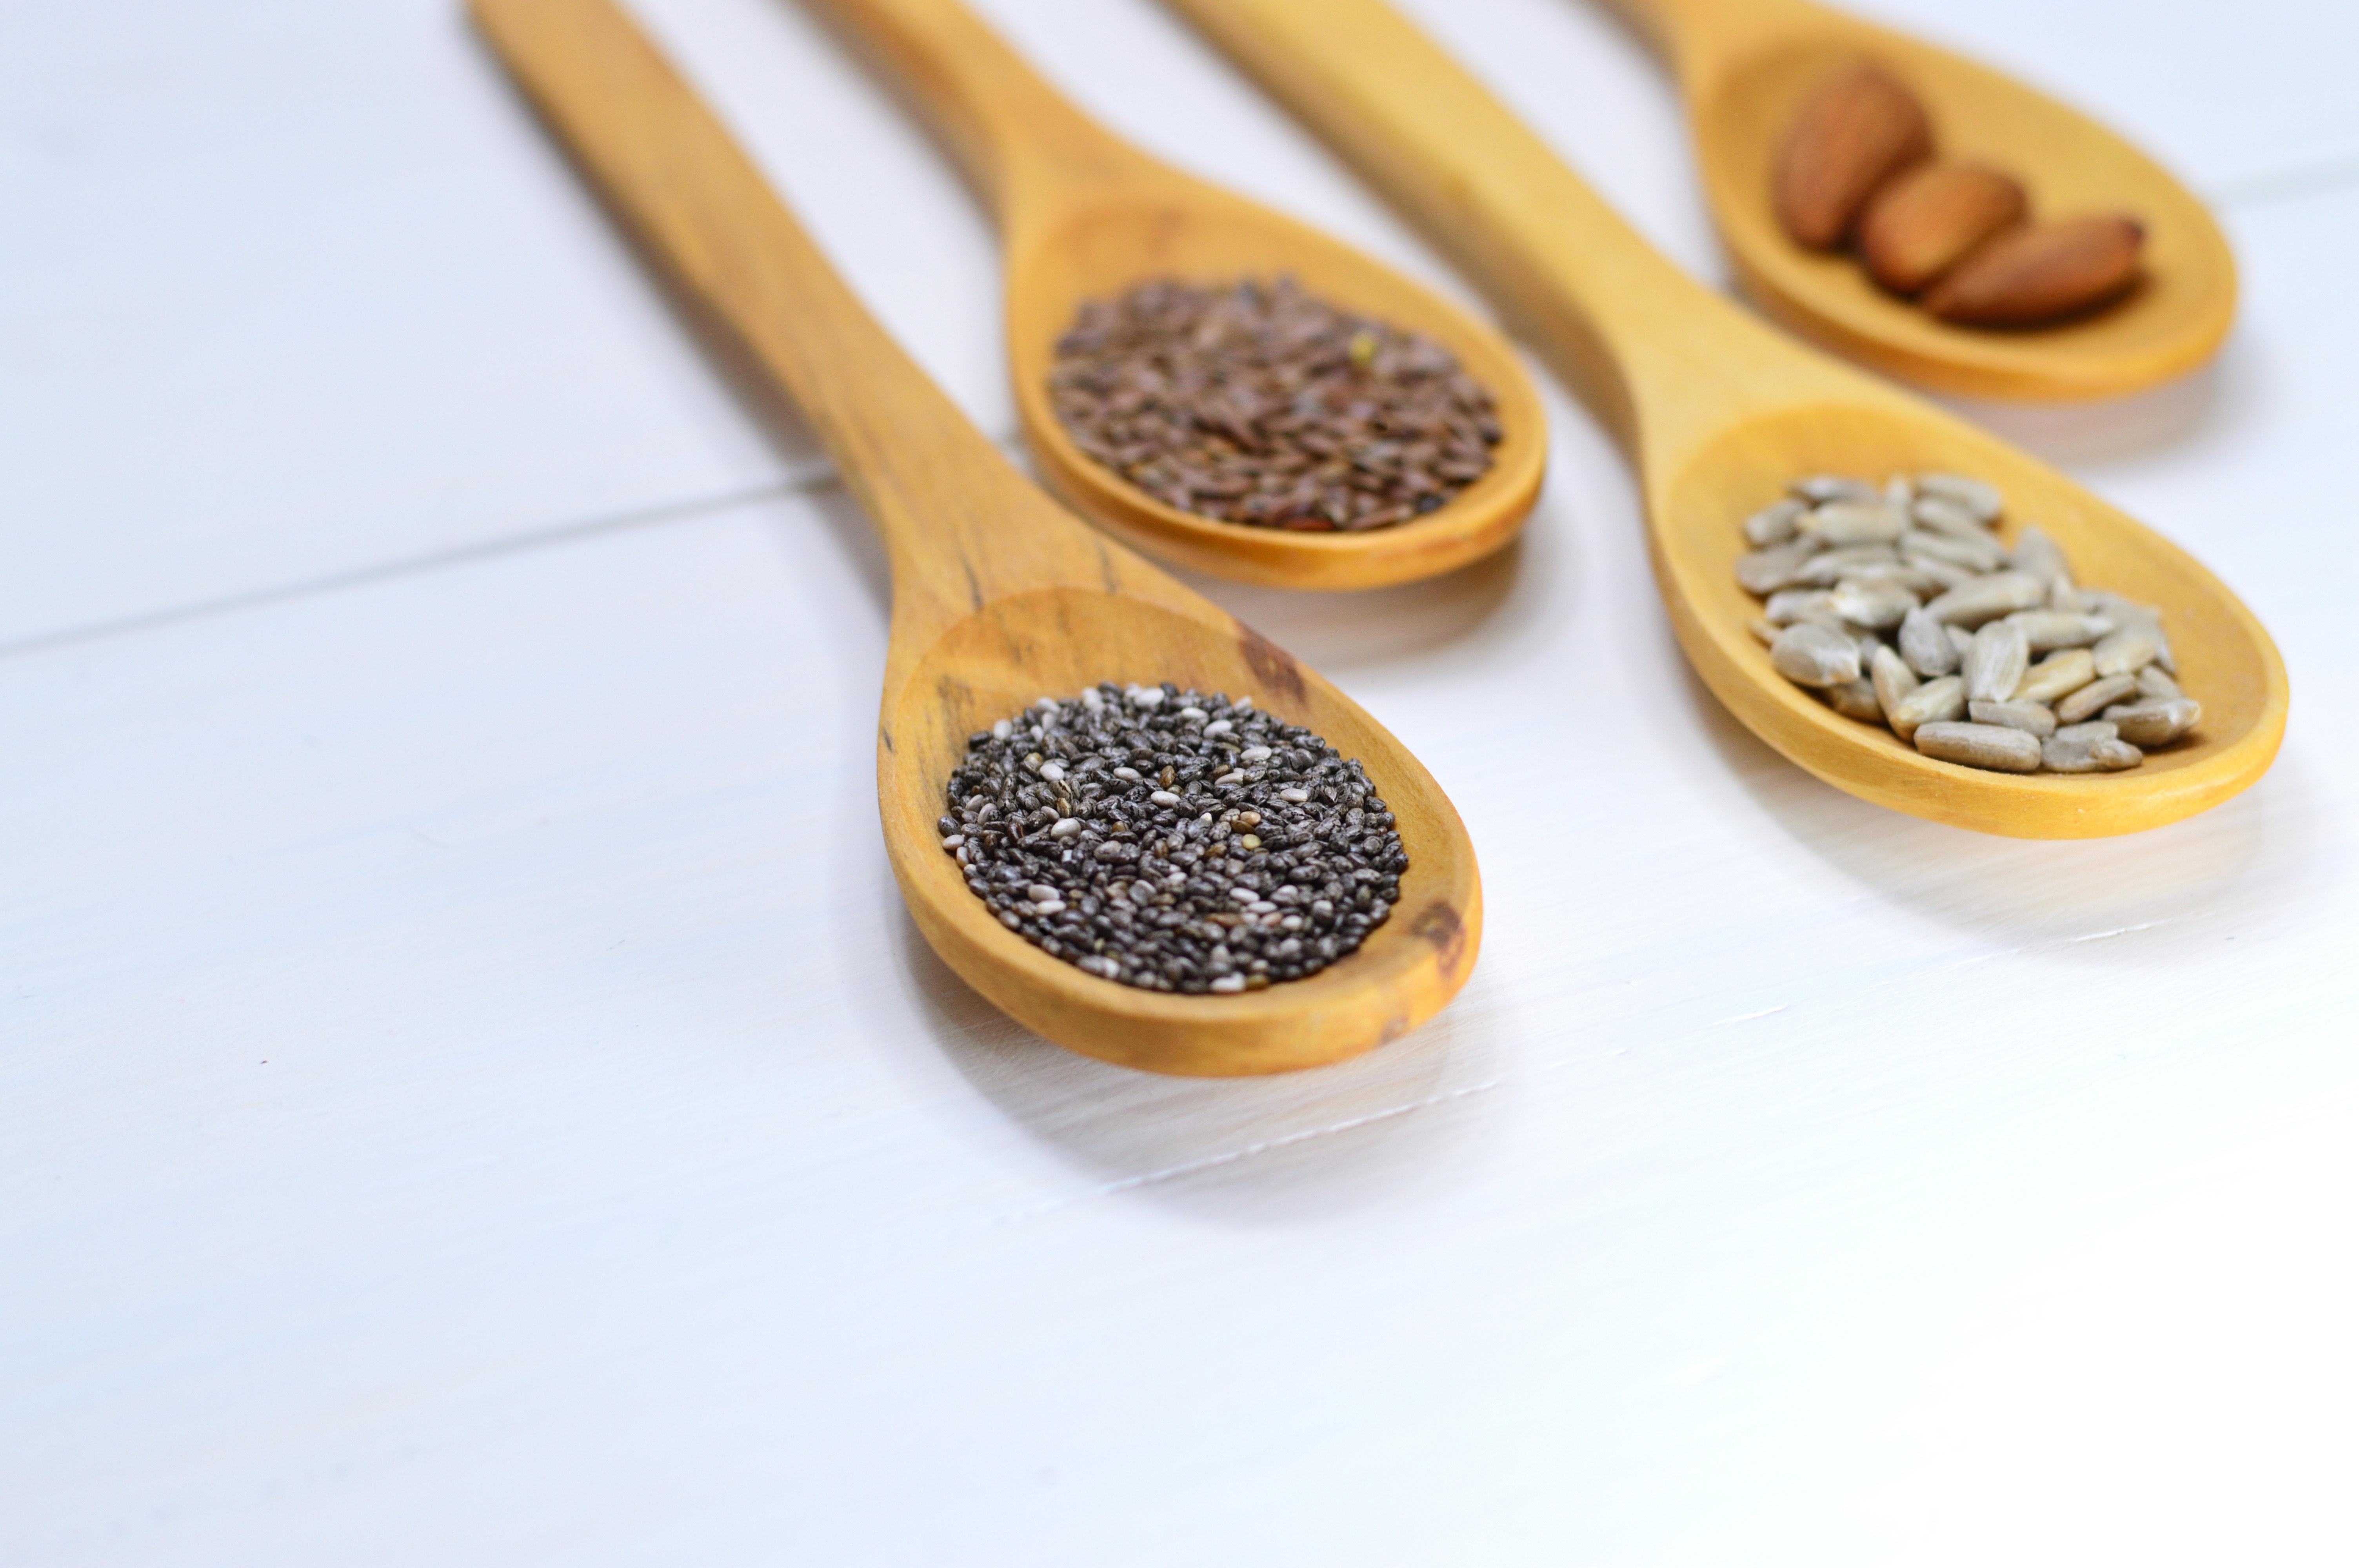 Seeds. Source: Pexels.